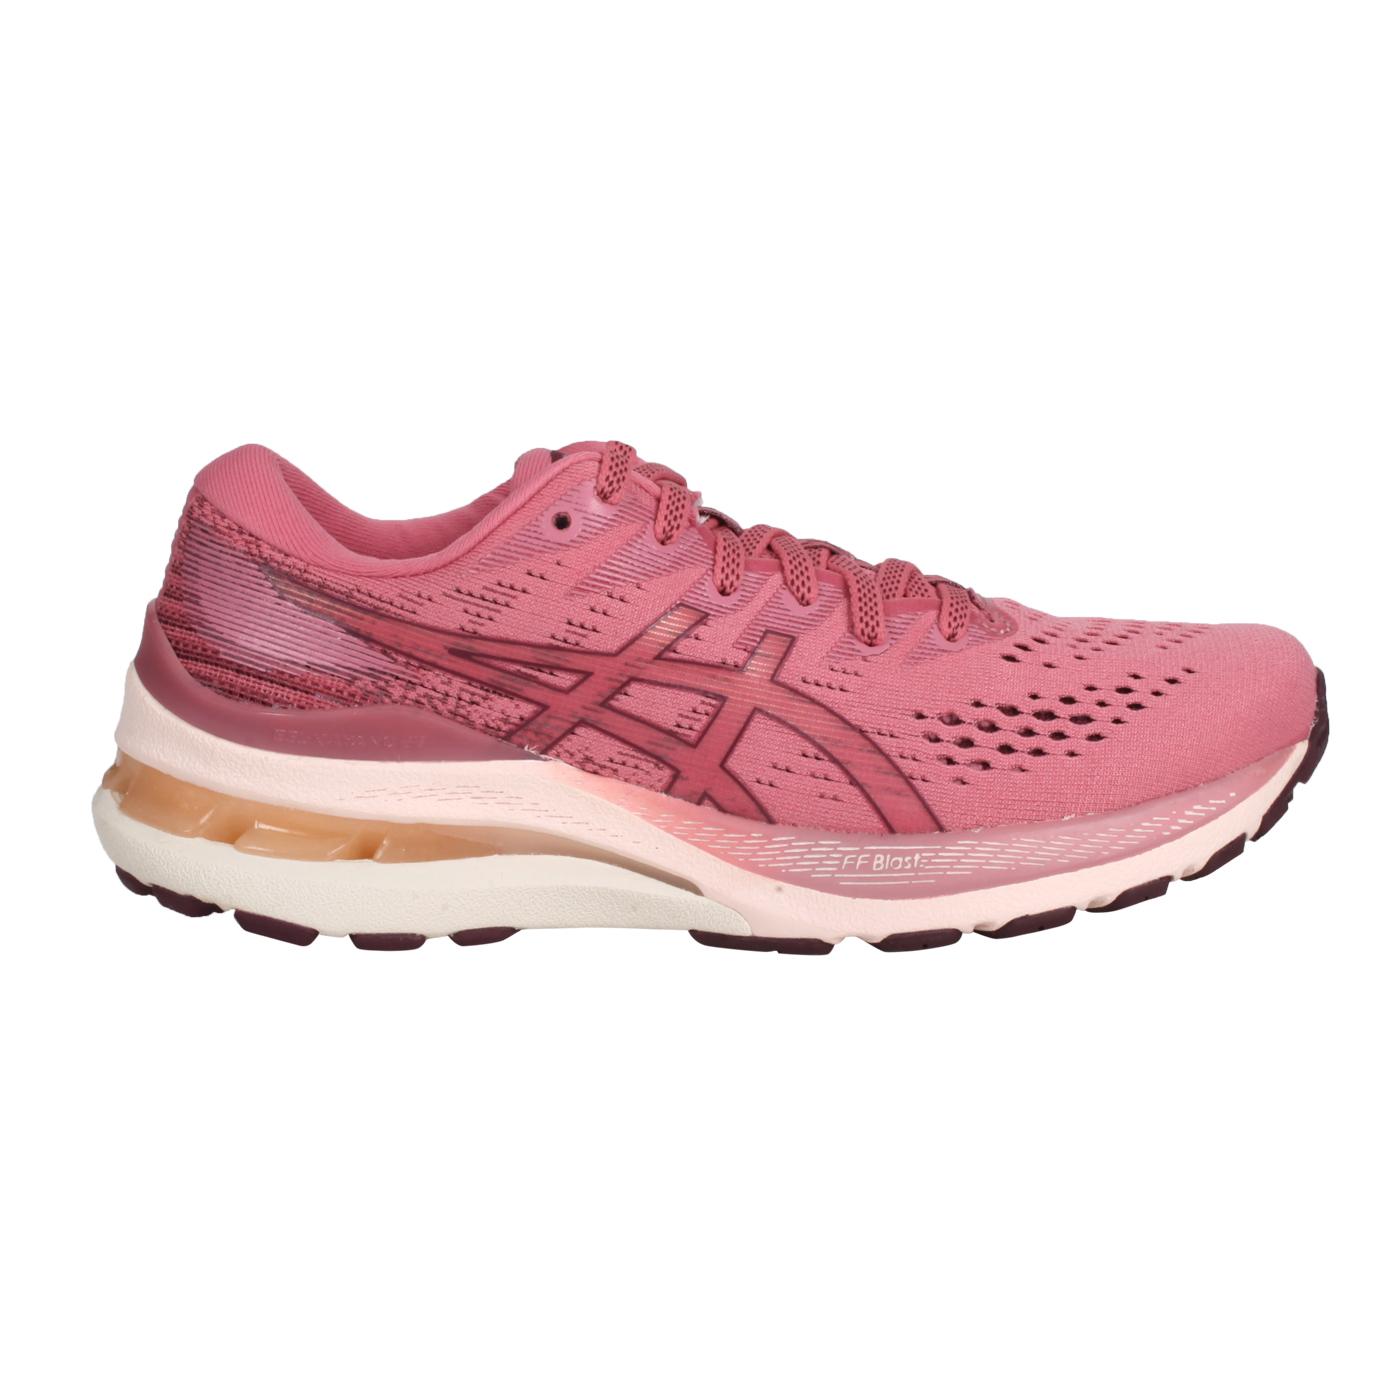 ASICS 特定-女款慢跑鞋  @GEL-KAYANO 28@1012B047-701 - 玫紅